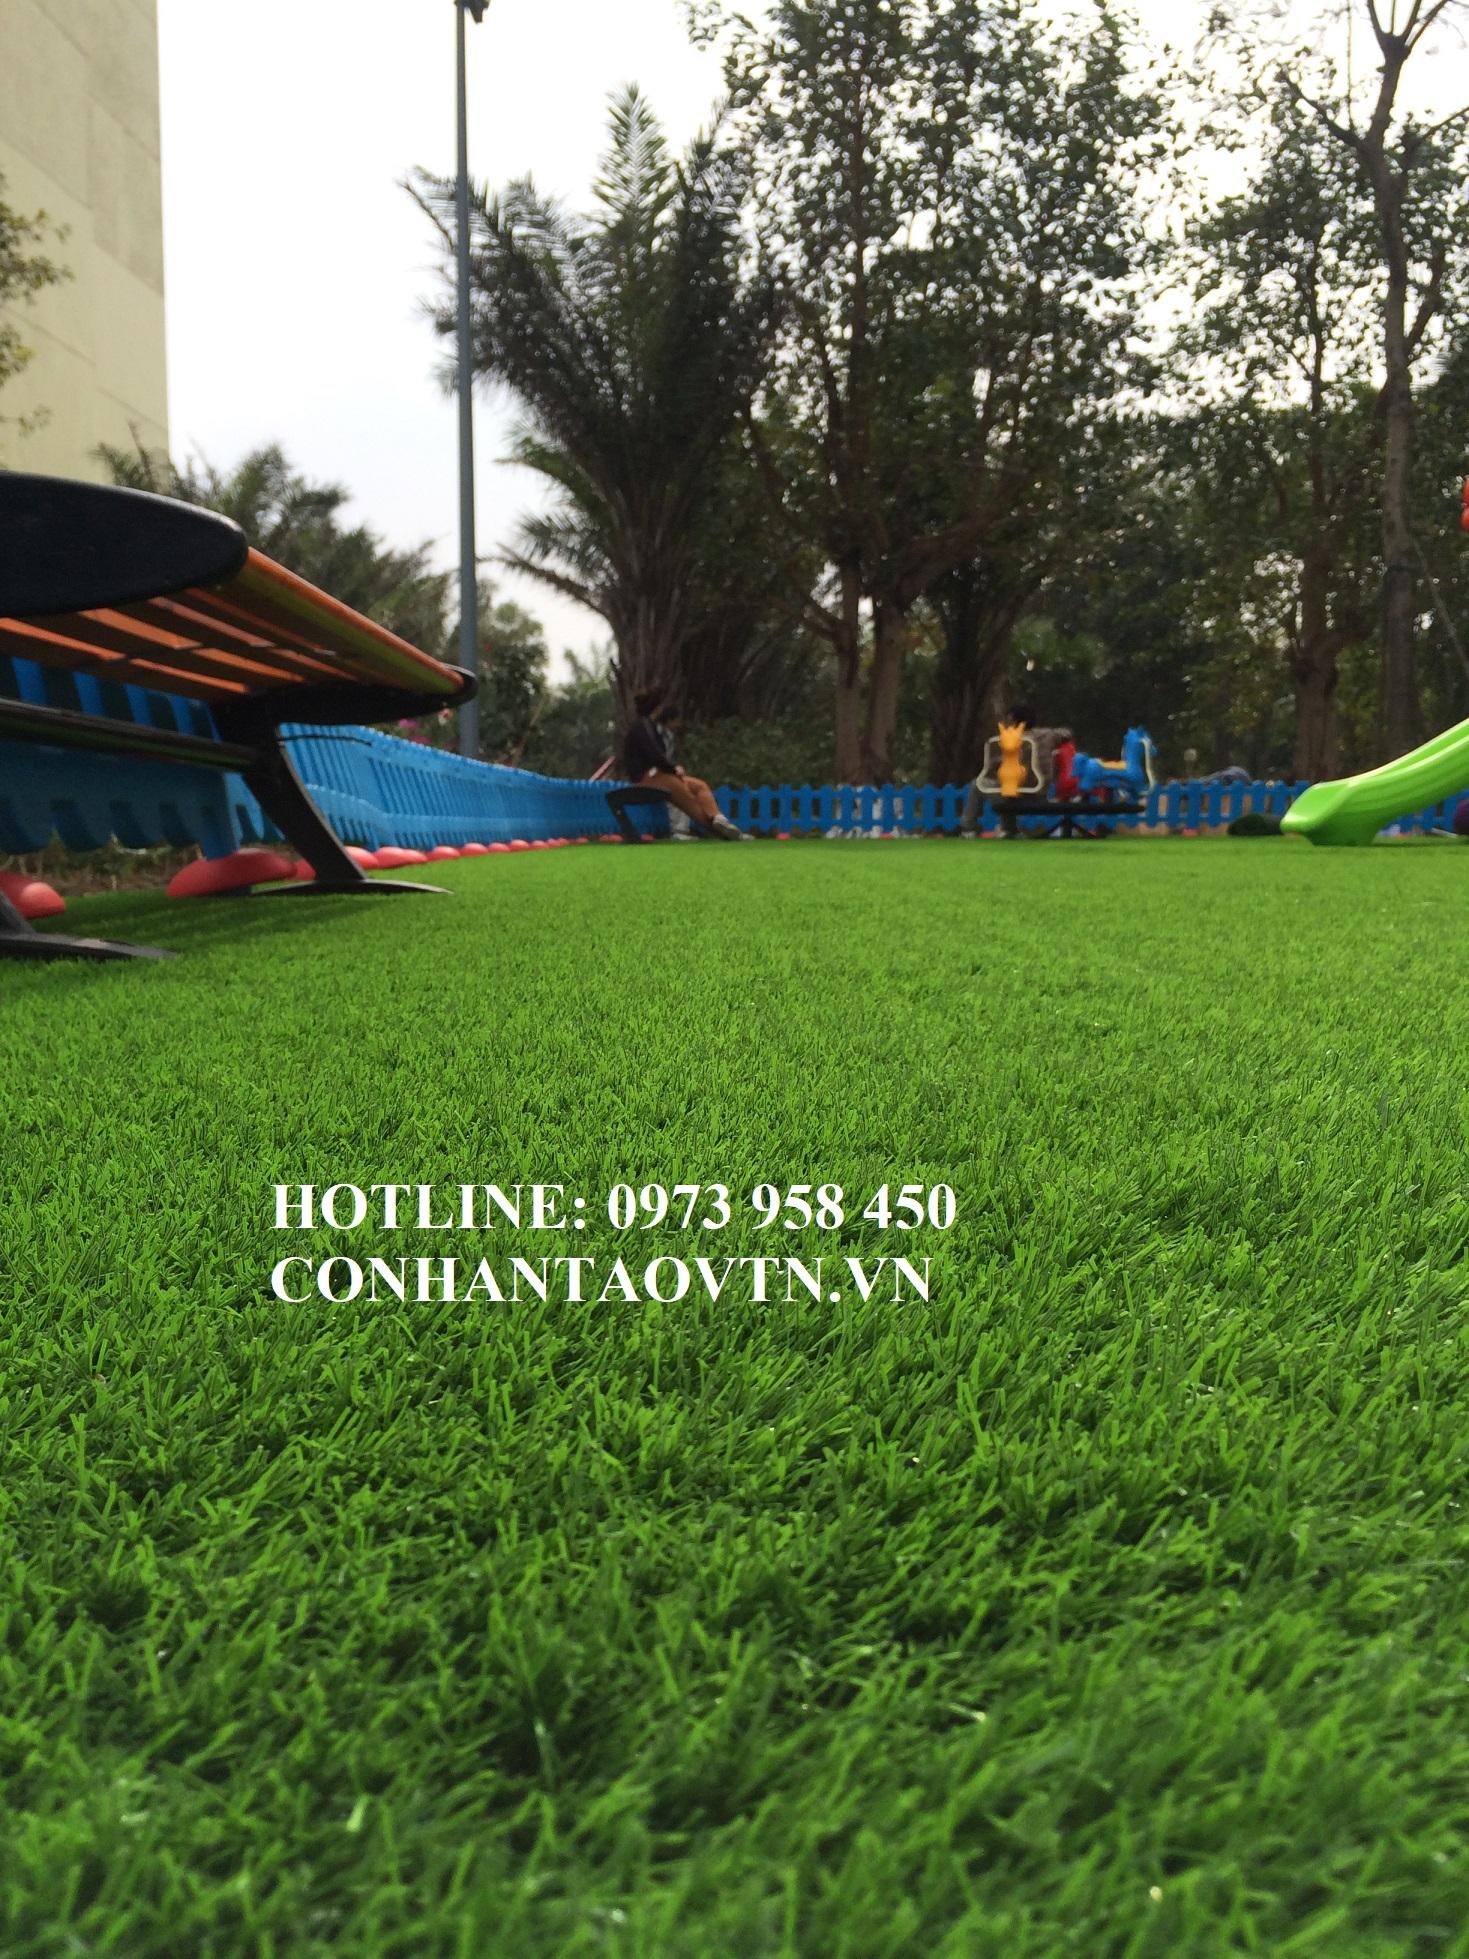 cỏ nhân tạo tại Thành Phố Thái Bình